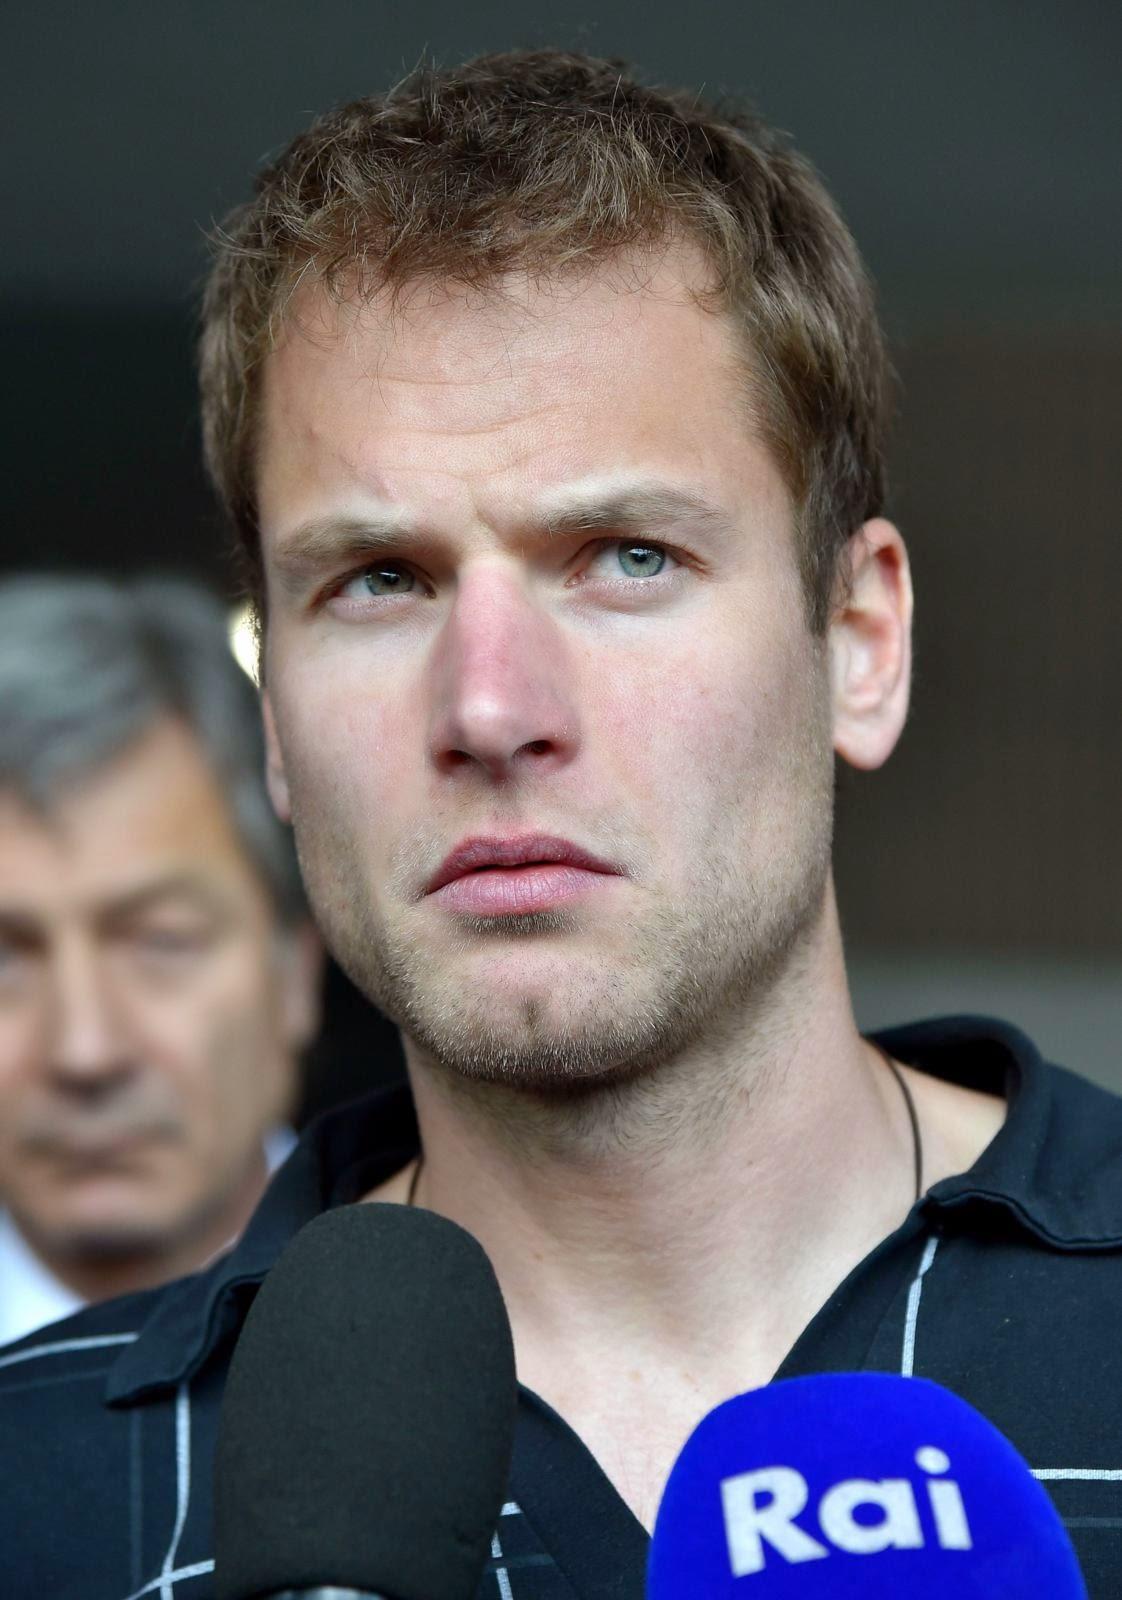 ATLETICA Il rimpianto di Schwazer: «Potevo essere fermato»